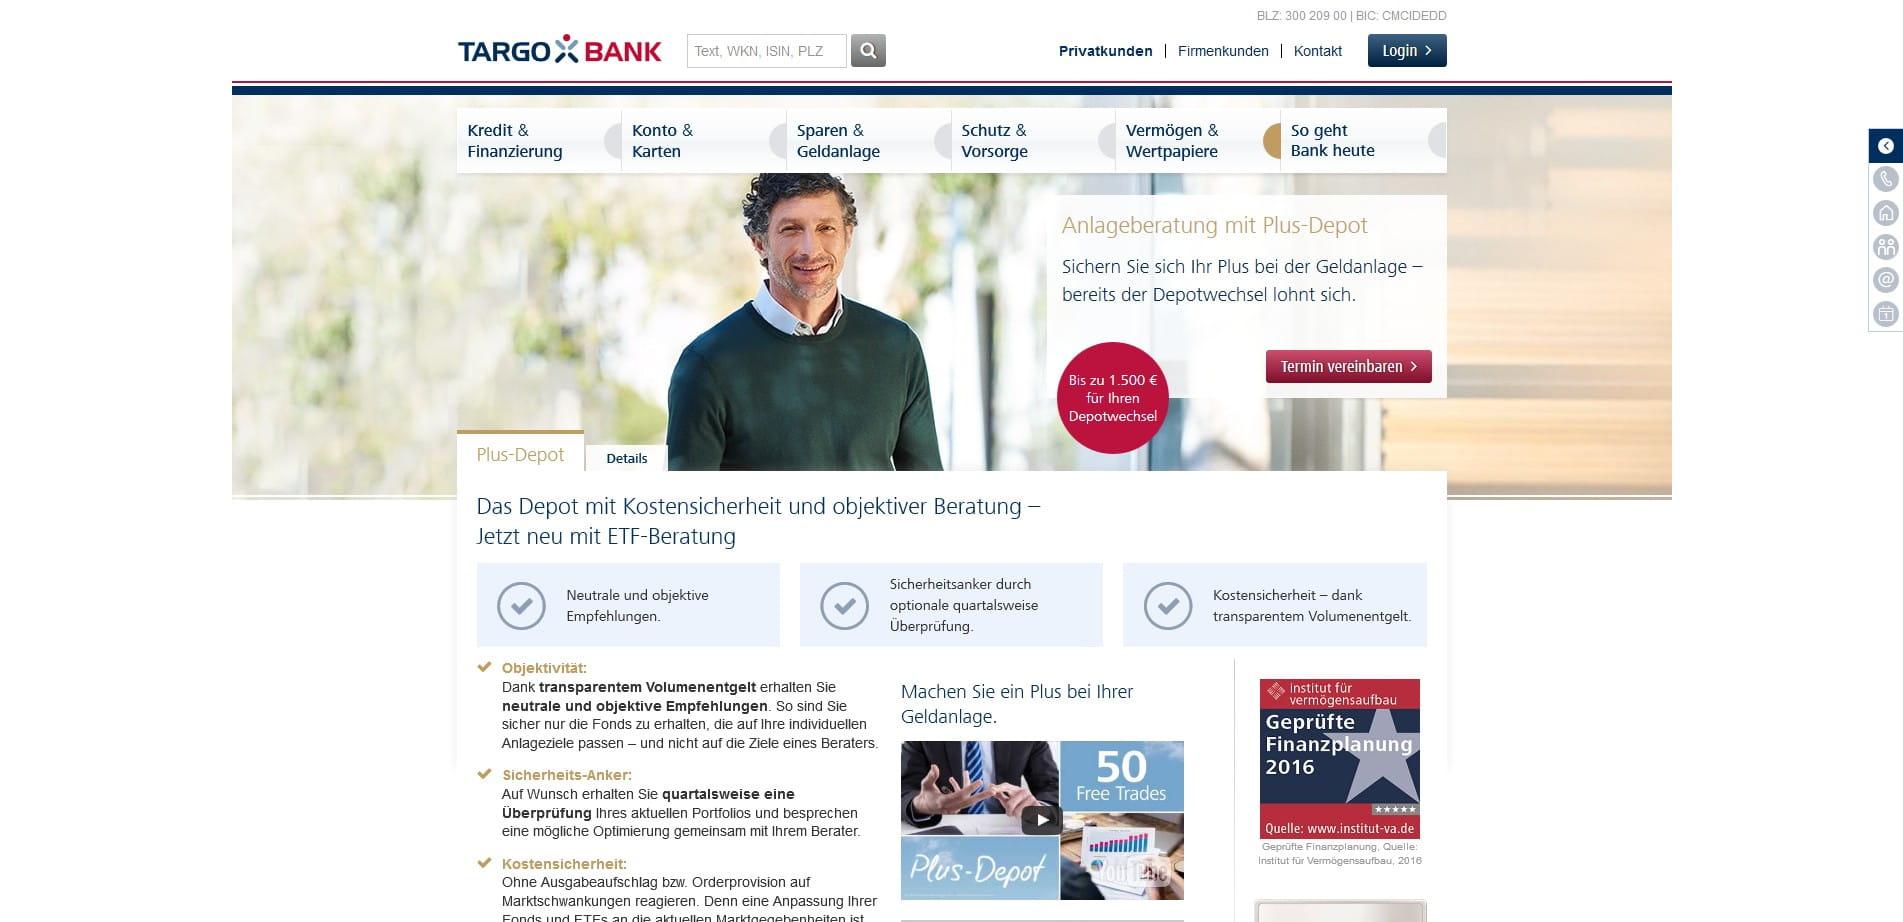 Targobank Startet Mit Wechselprämie In Das Jahr 2017 Bis Zu 1500